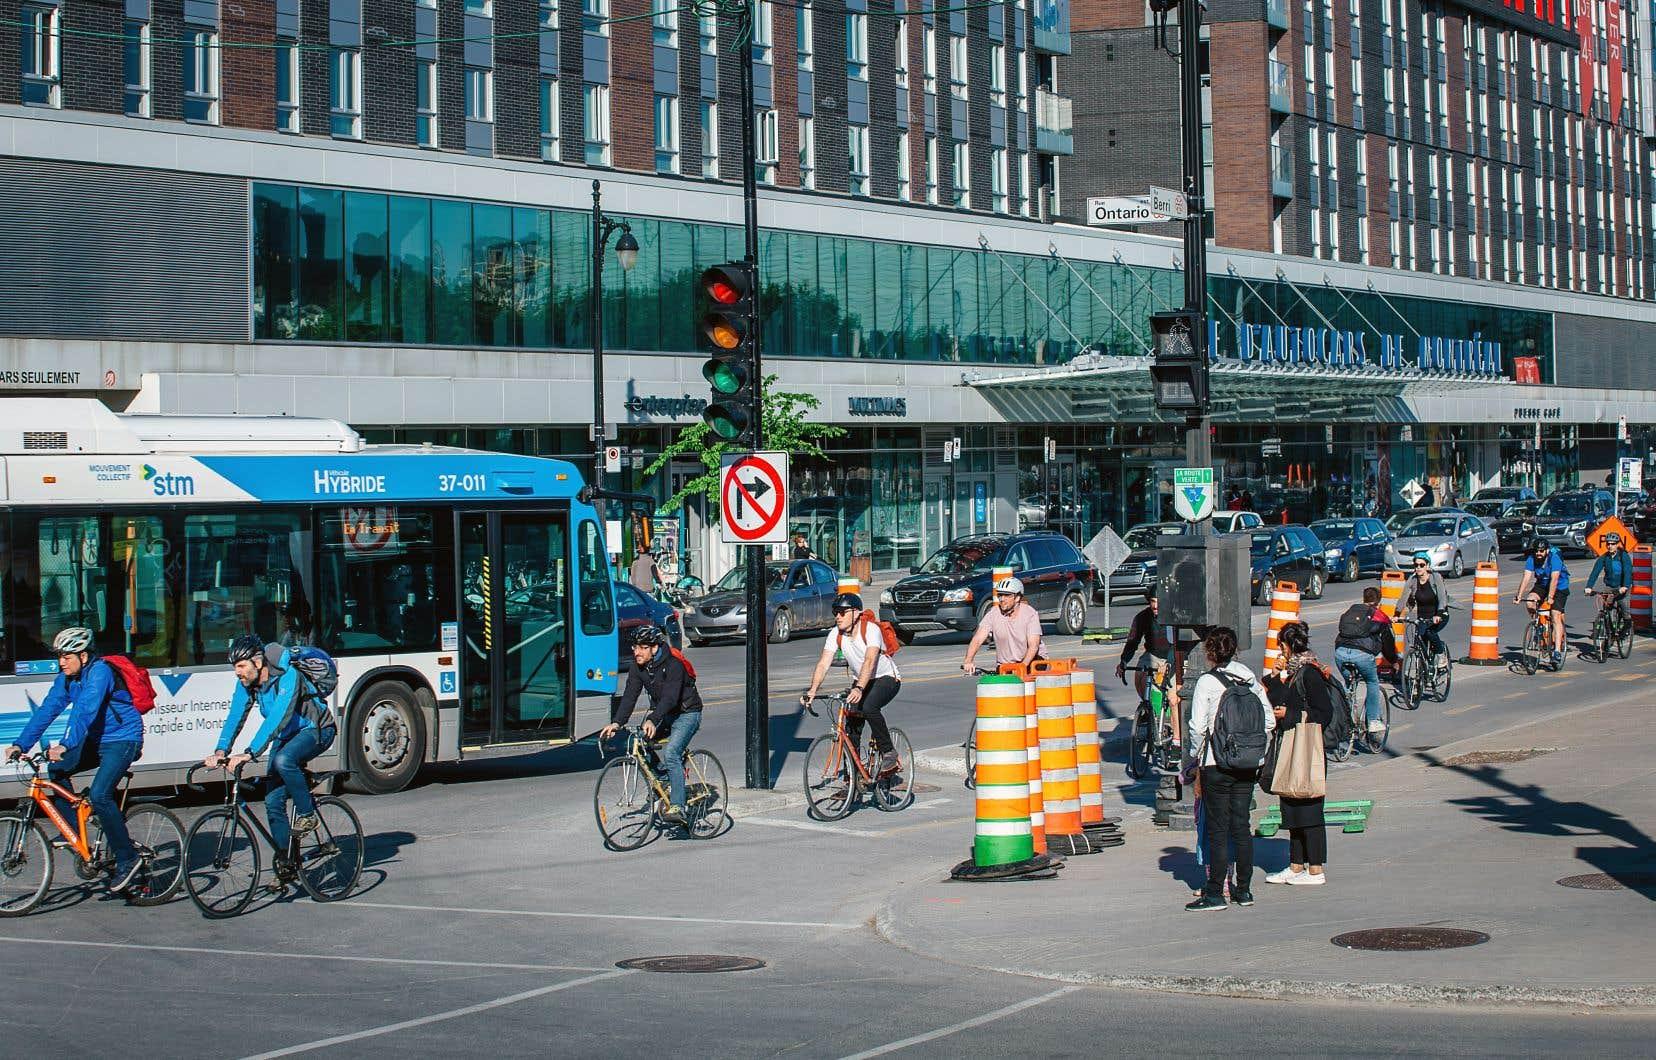 Les bénéfices des modes de transport collectif et actif pour se rendre au travail sont bien connus, rappelle Aline Berthe, présidente de l'Association des Centres de gestion des déplacements du Québec, citant tour à tour la réduction du stress, de l'irritabilité, de la fatigue et même du taux d'absentéisme des employés.